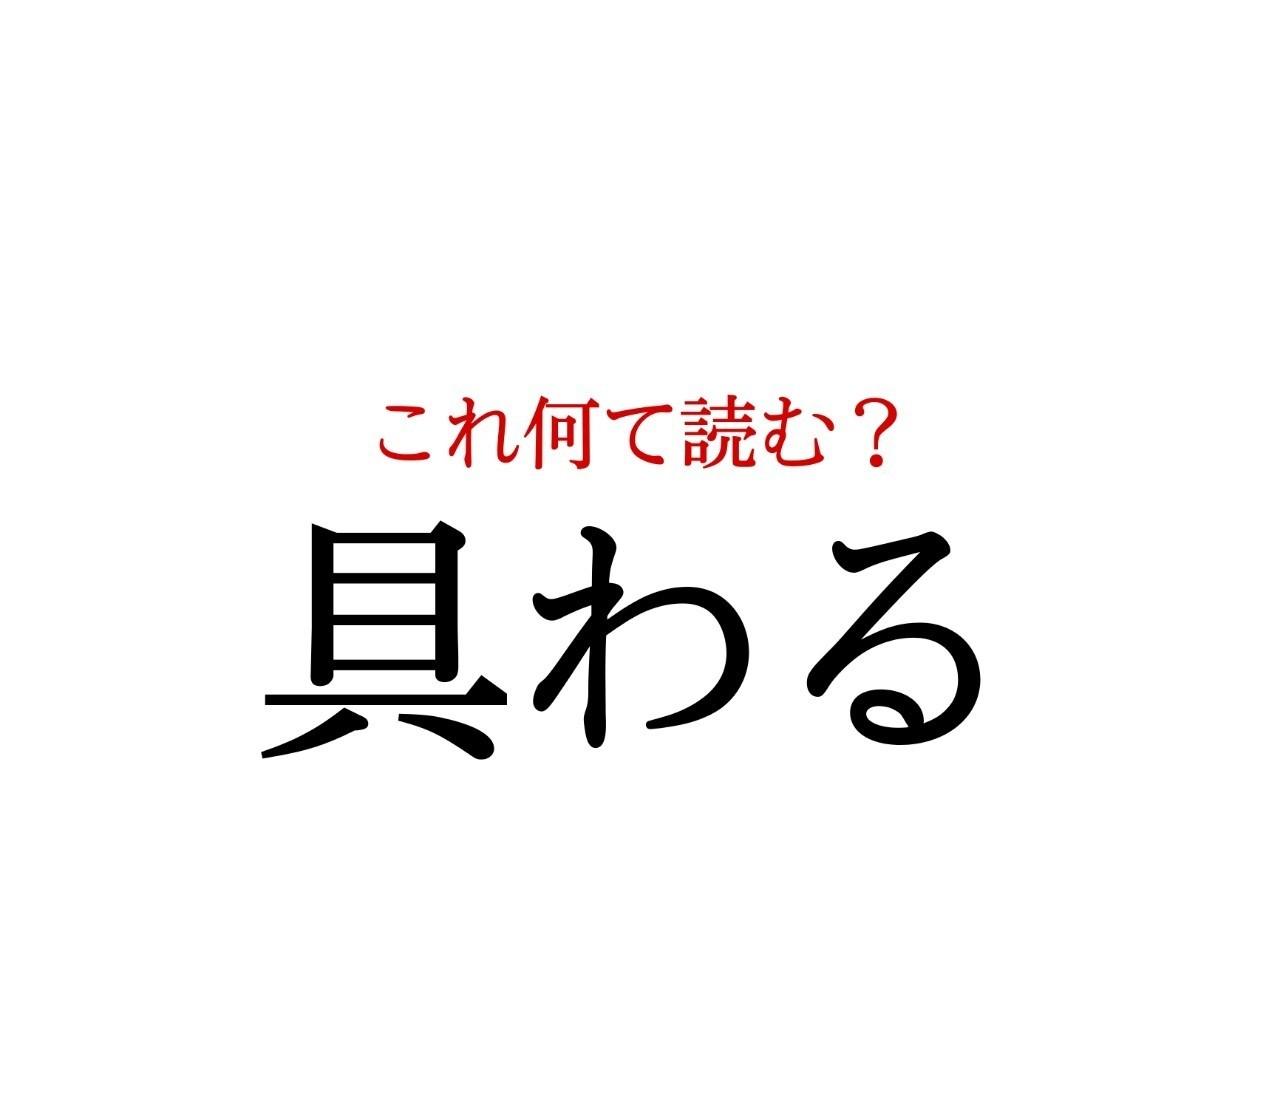 「具わる」:この漢字、自信を持って読めますか?【働く大人の漢字クイズvol.252】